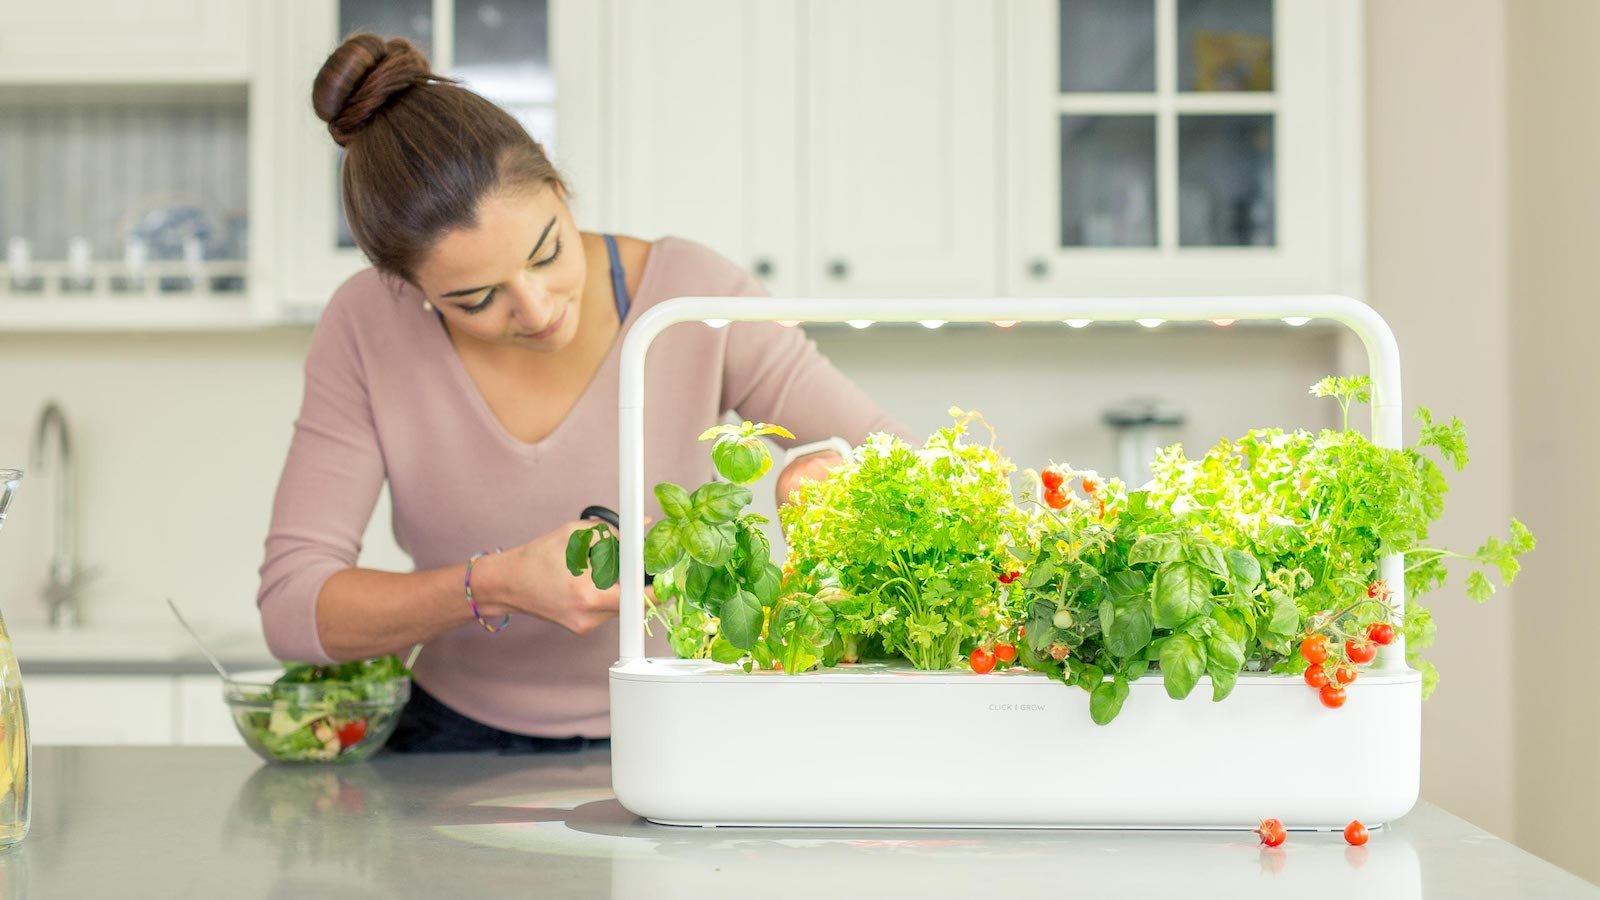 Click & Grow Smart Garden 9 PRO is an app-controlled, self-growing indoor garden